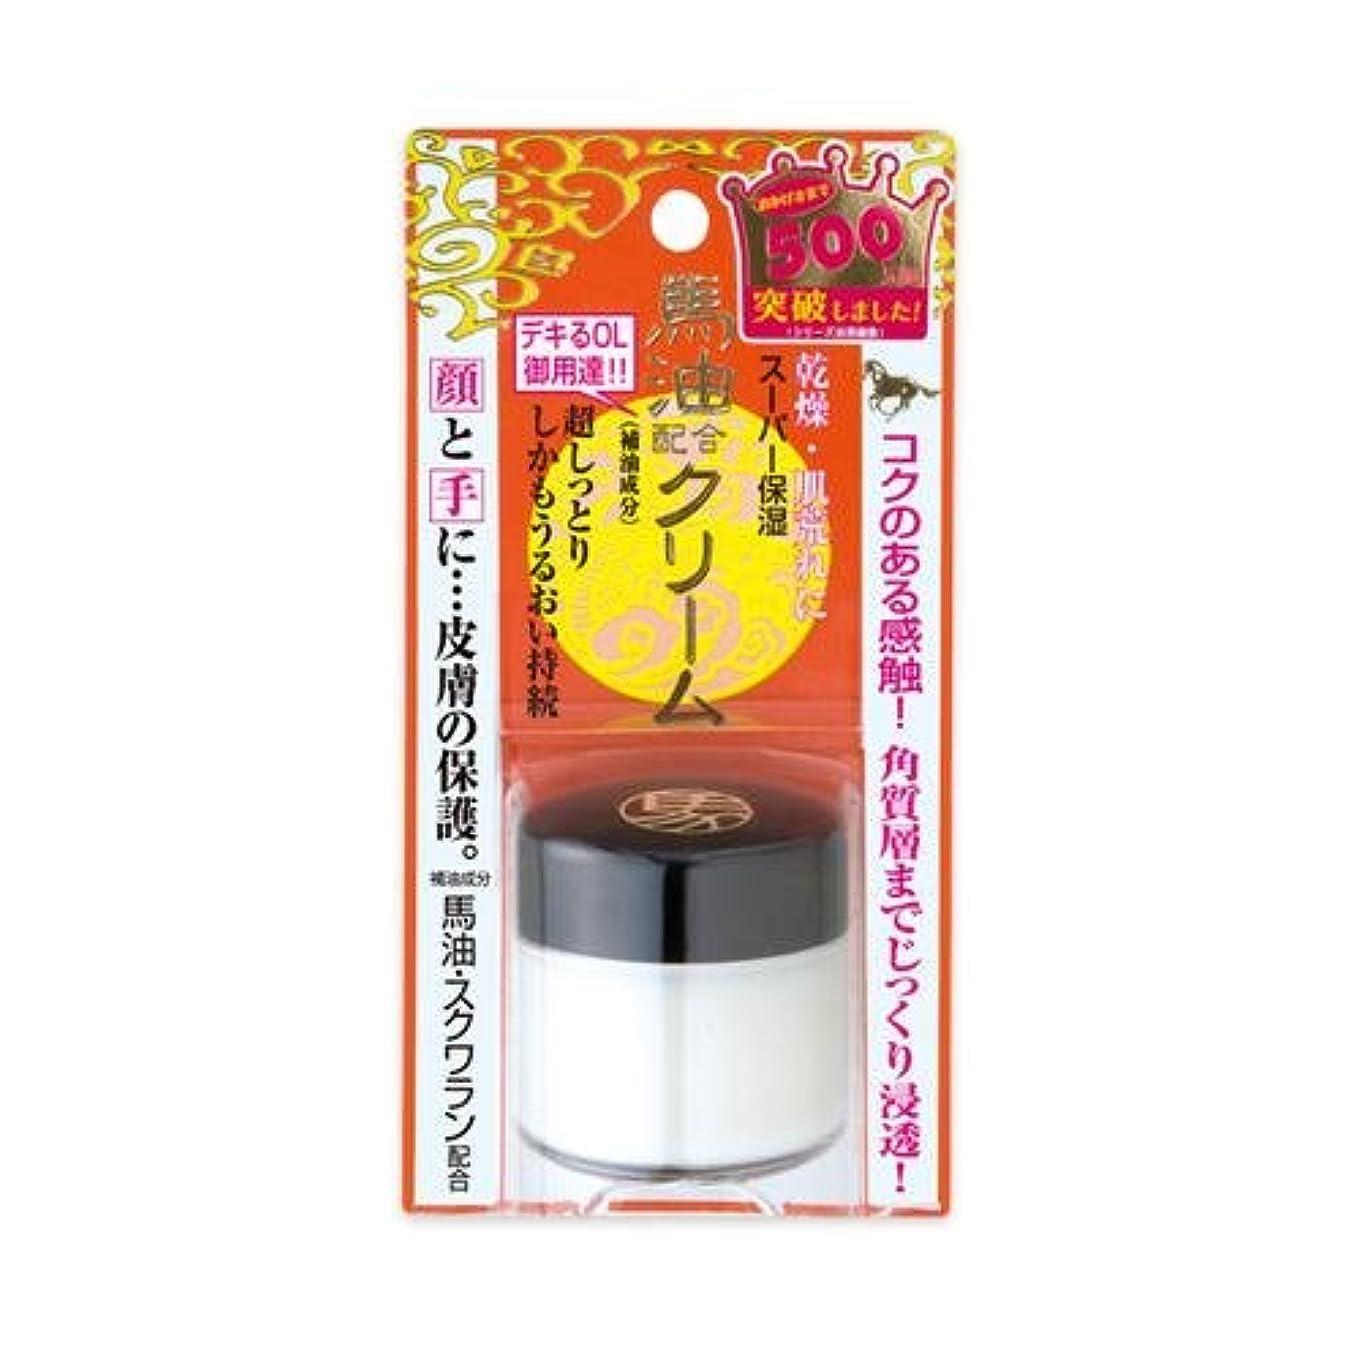 踏みつけ火山学者存在明色化粧品 リモイストクリーム リッチタイプ 30g [ヘルスケア&ケア用品]